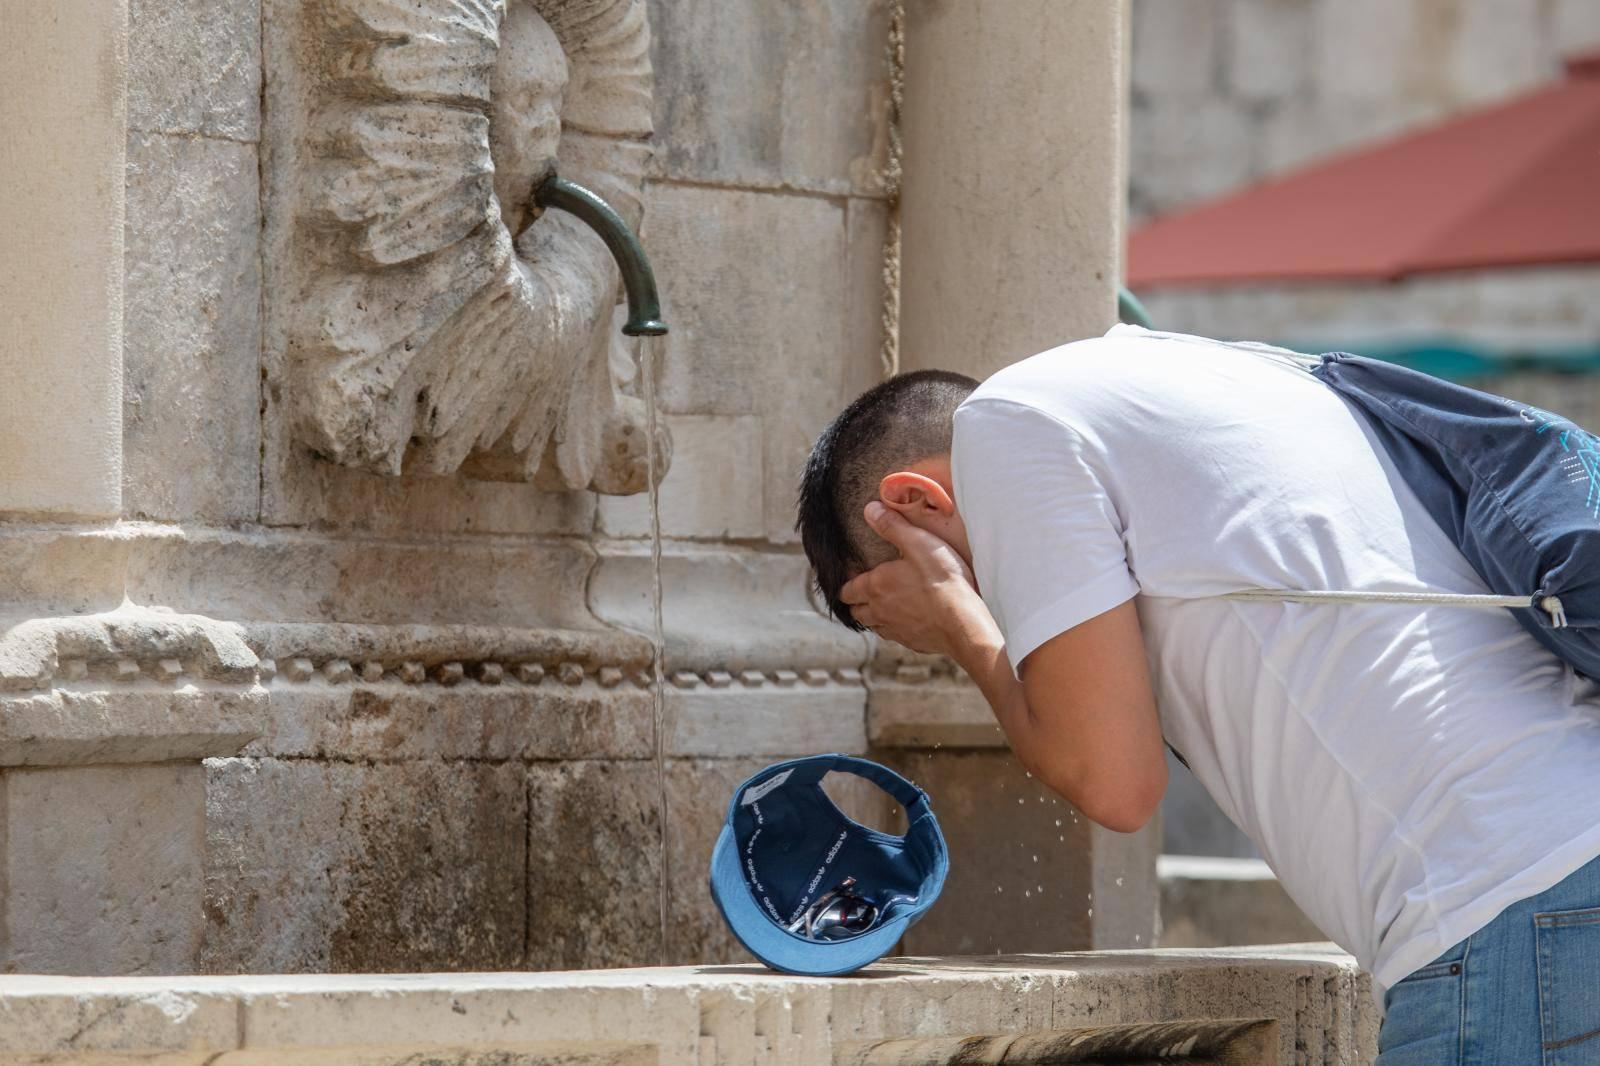 Prvi dan ljeta u Dubrovniku obilježen je sparinom